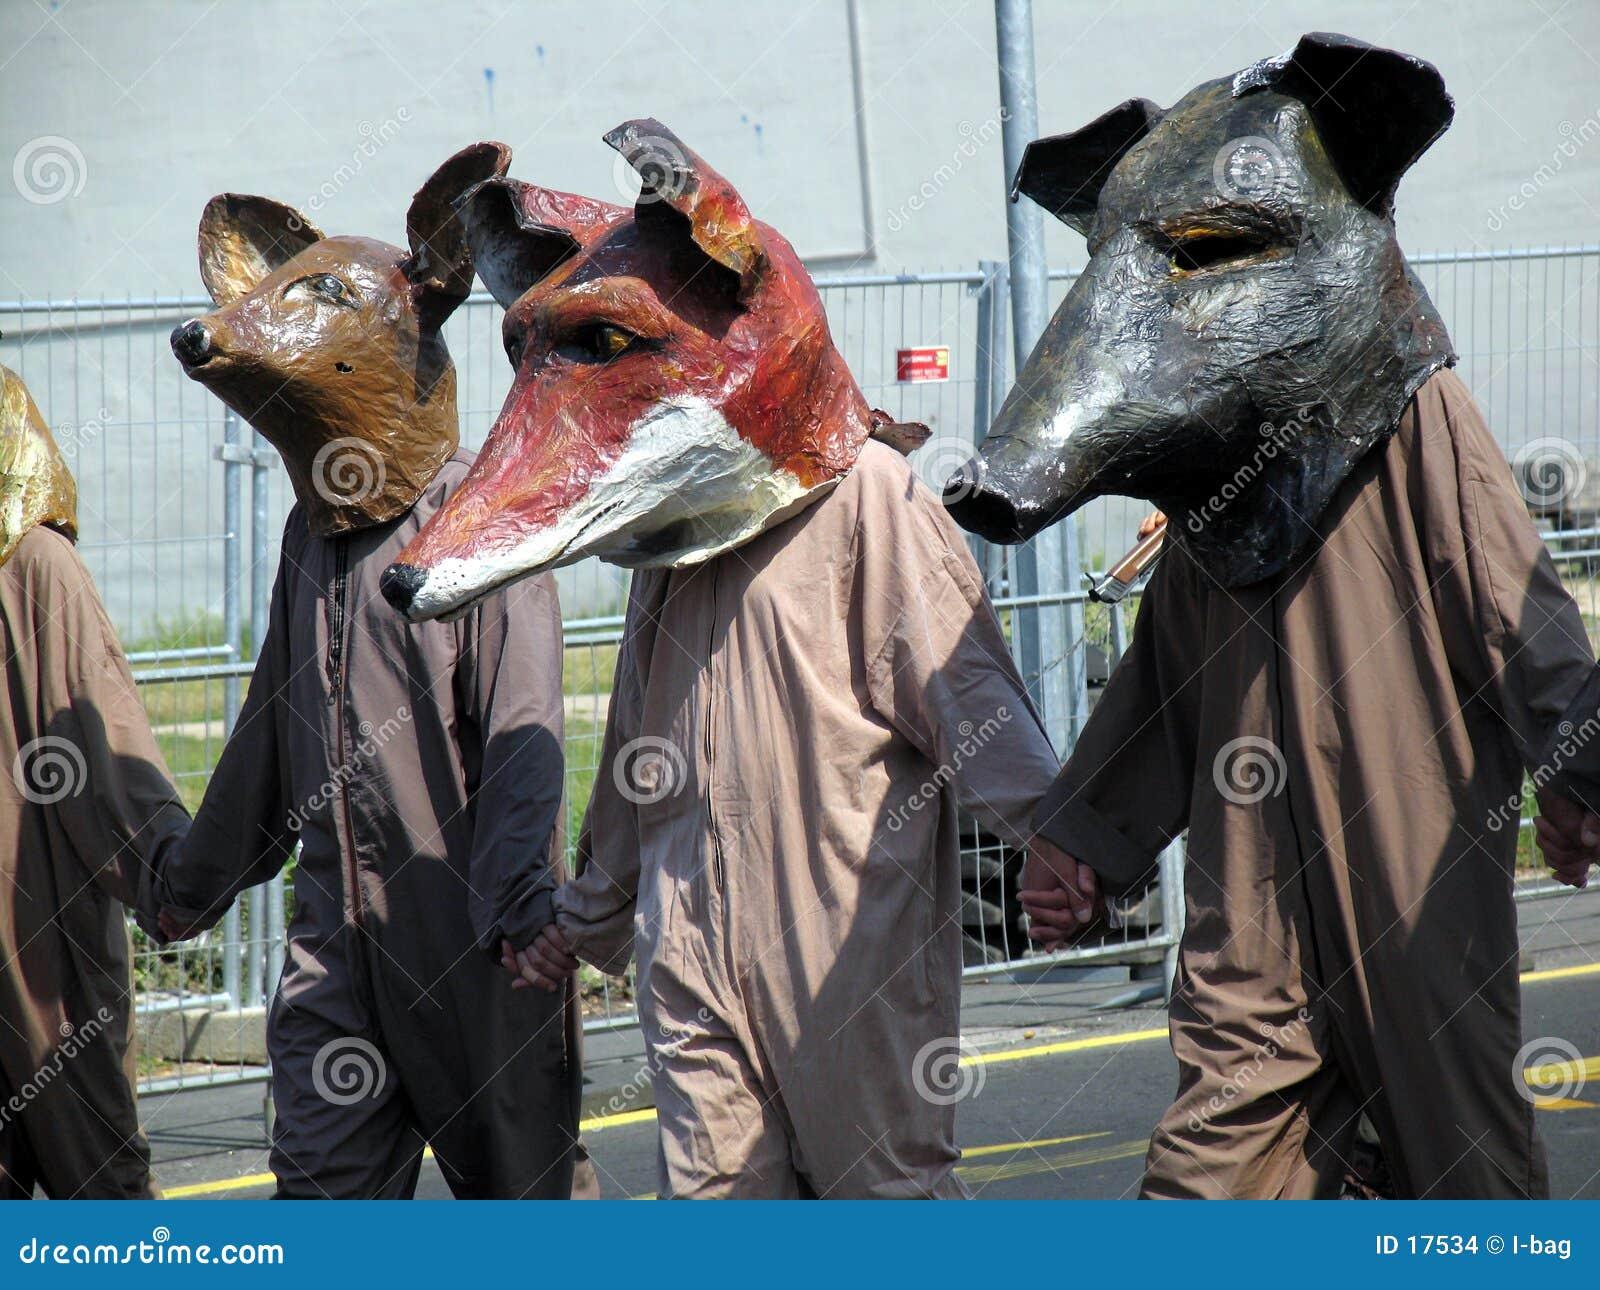 De encontro à demonstração dos caçadores